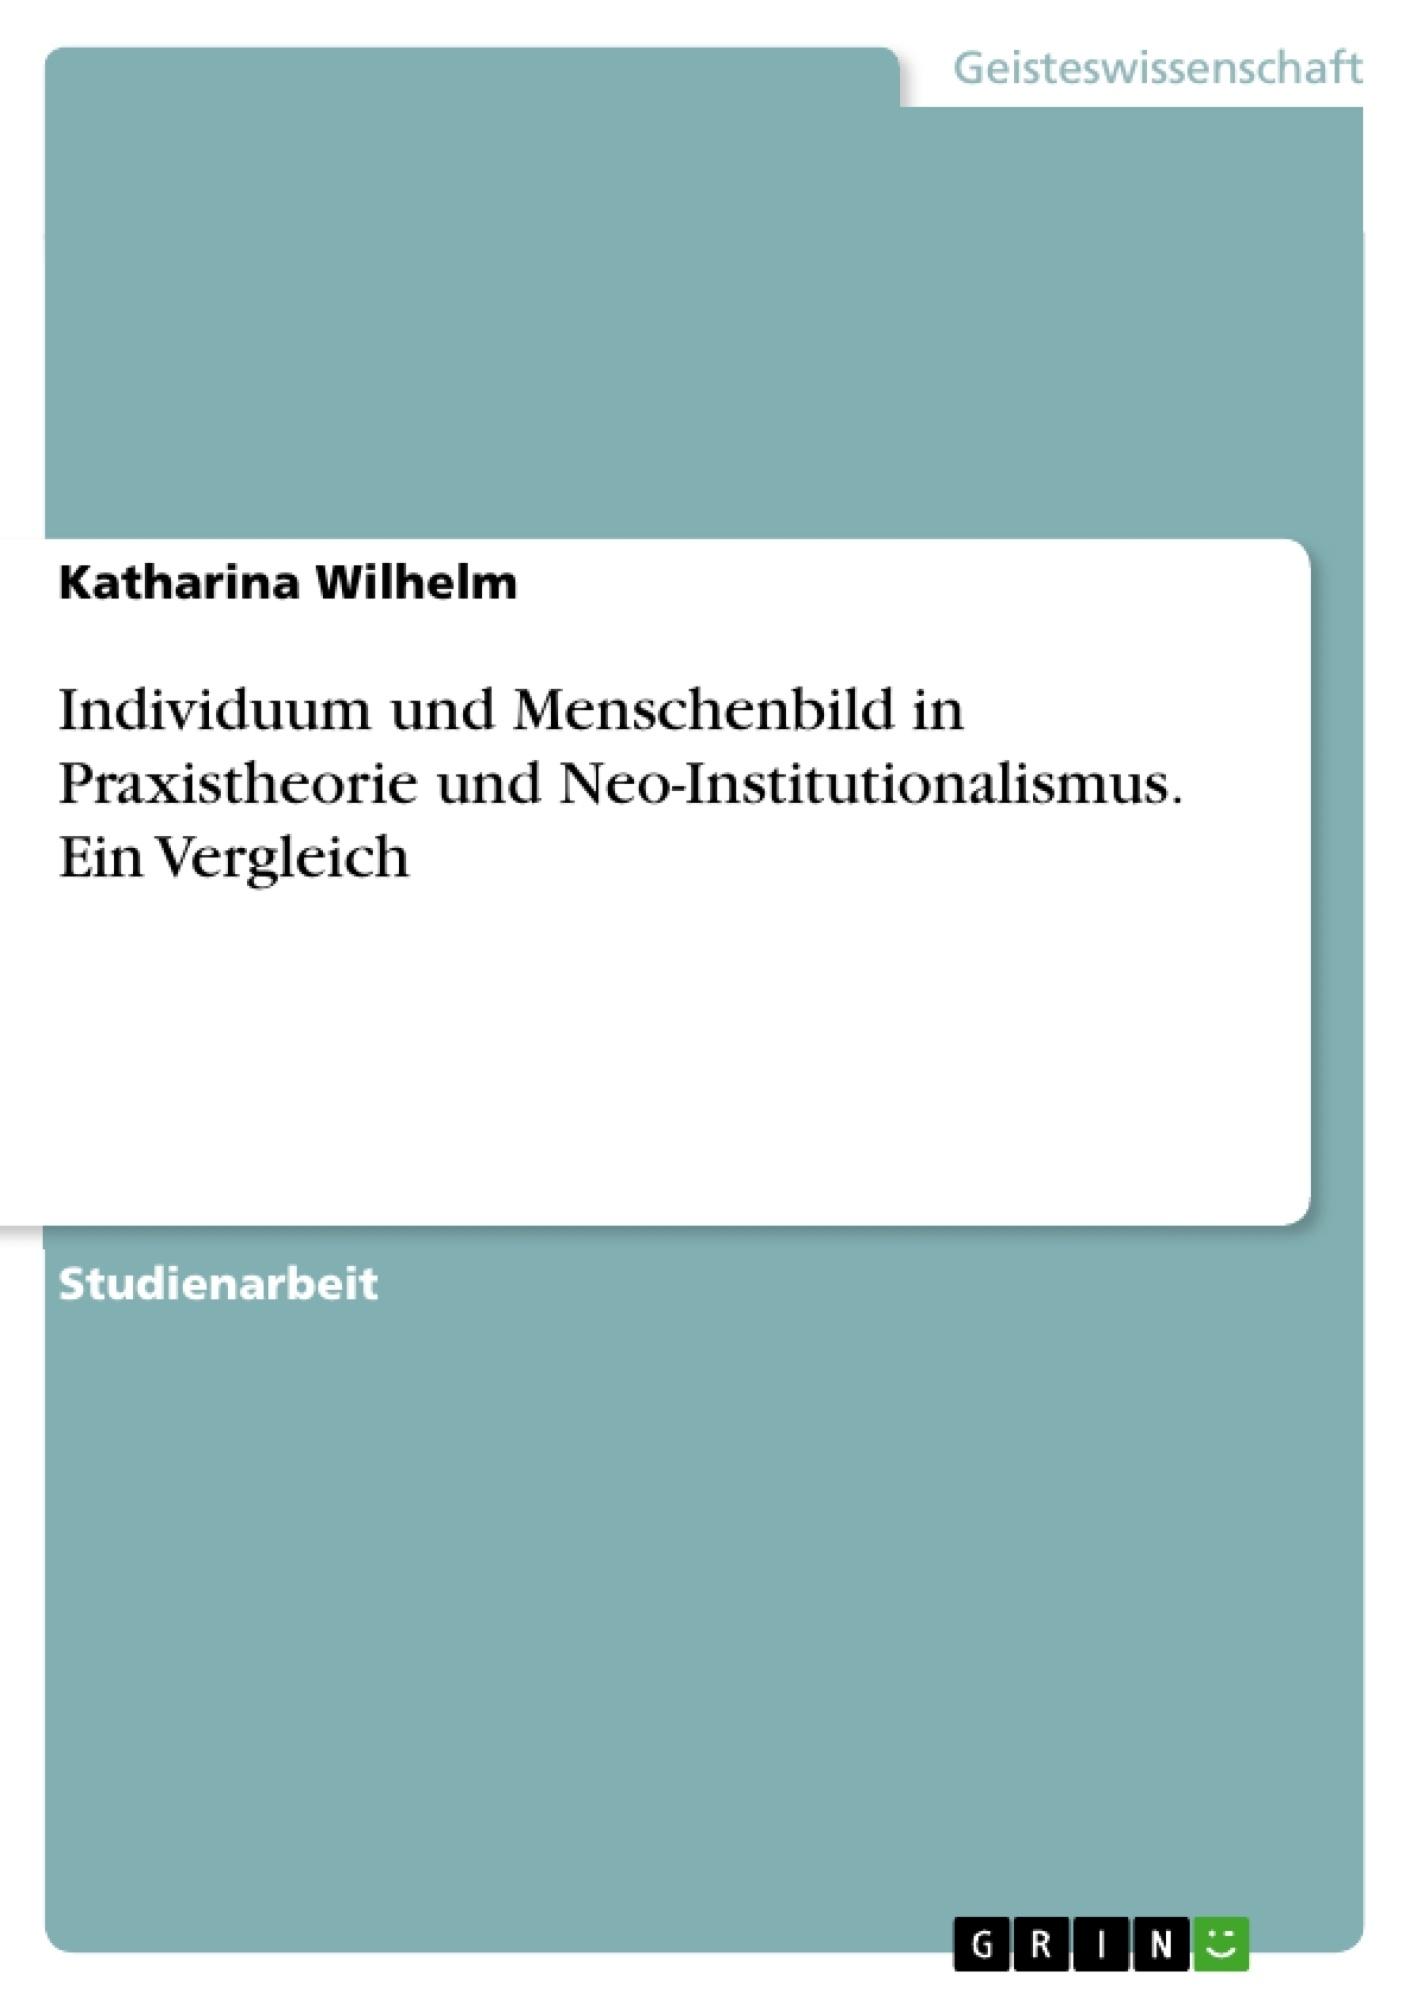 Titel: Individuum und Menschenbild in Praxistheorie und Neo-Institutionalismus. Ein Vergleich